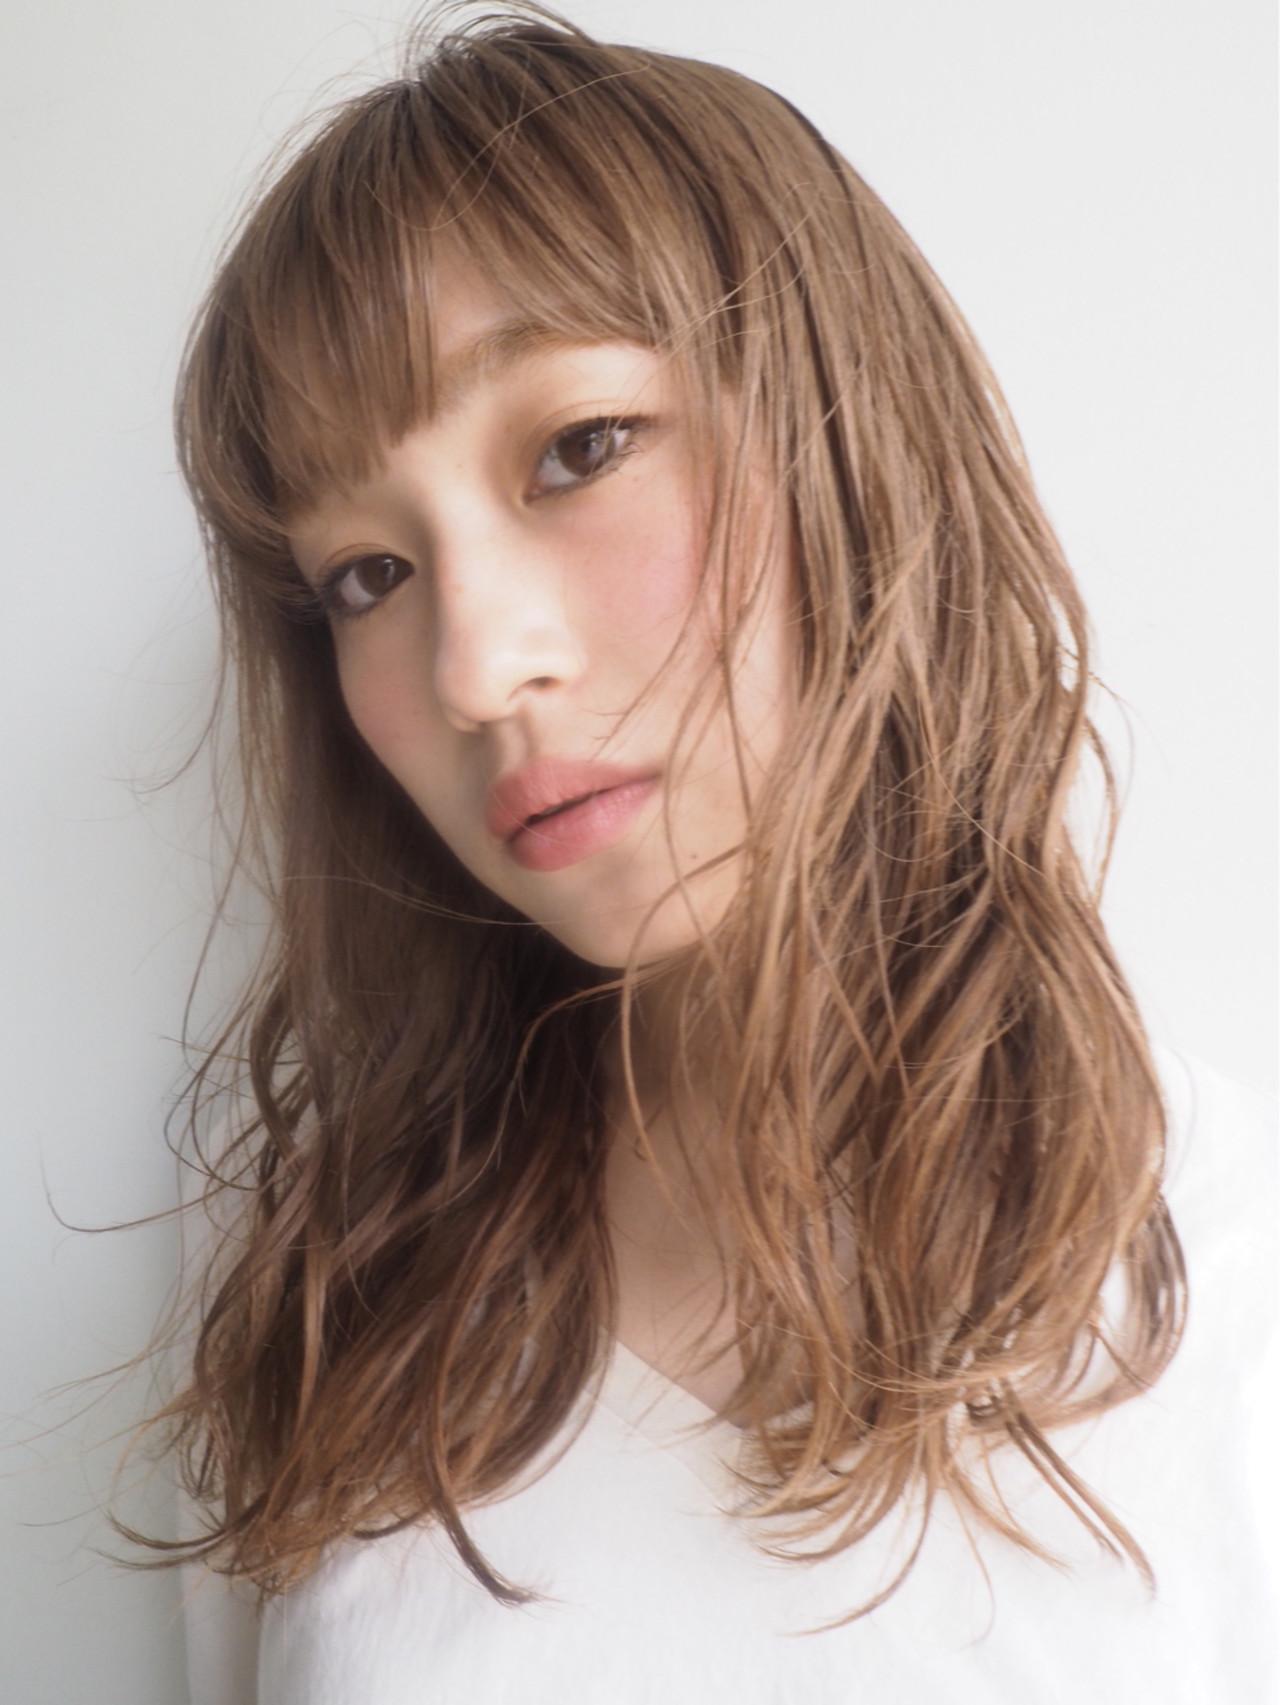 大人かわいい ゆるふわ くせ毛風 パーマ ヘアスタイルや髪型の写真・画像 | 井上博貴 / assort(アソート)